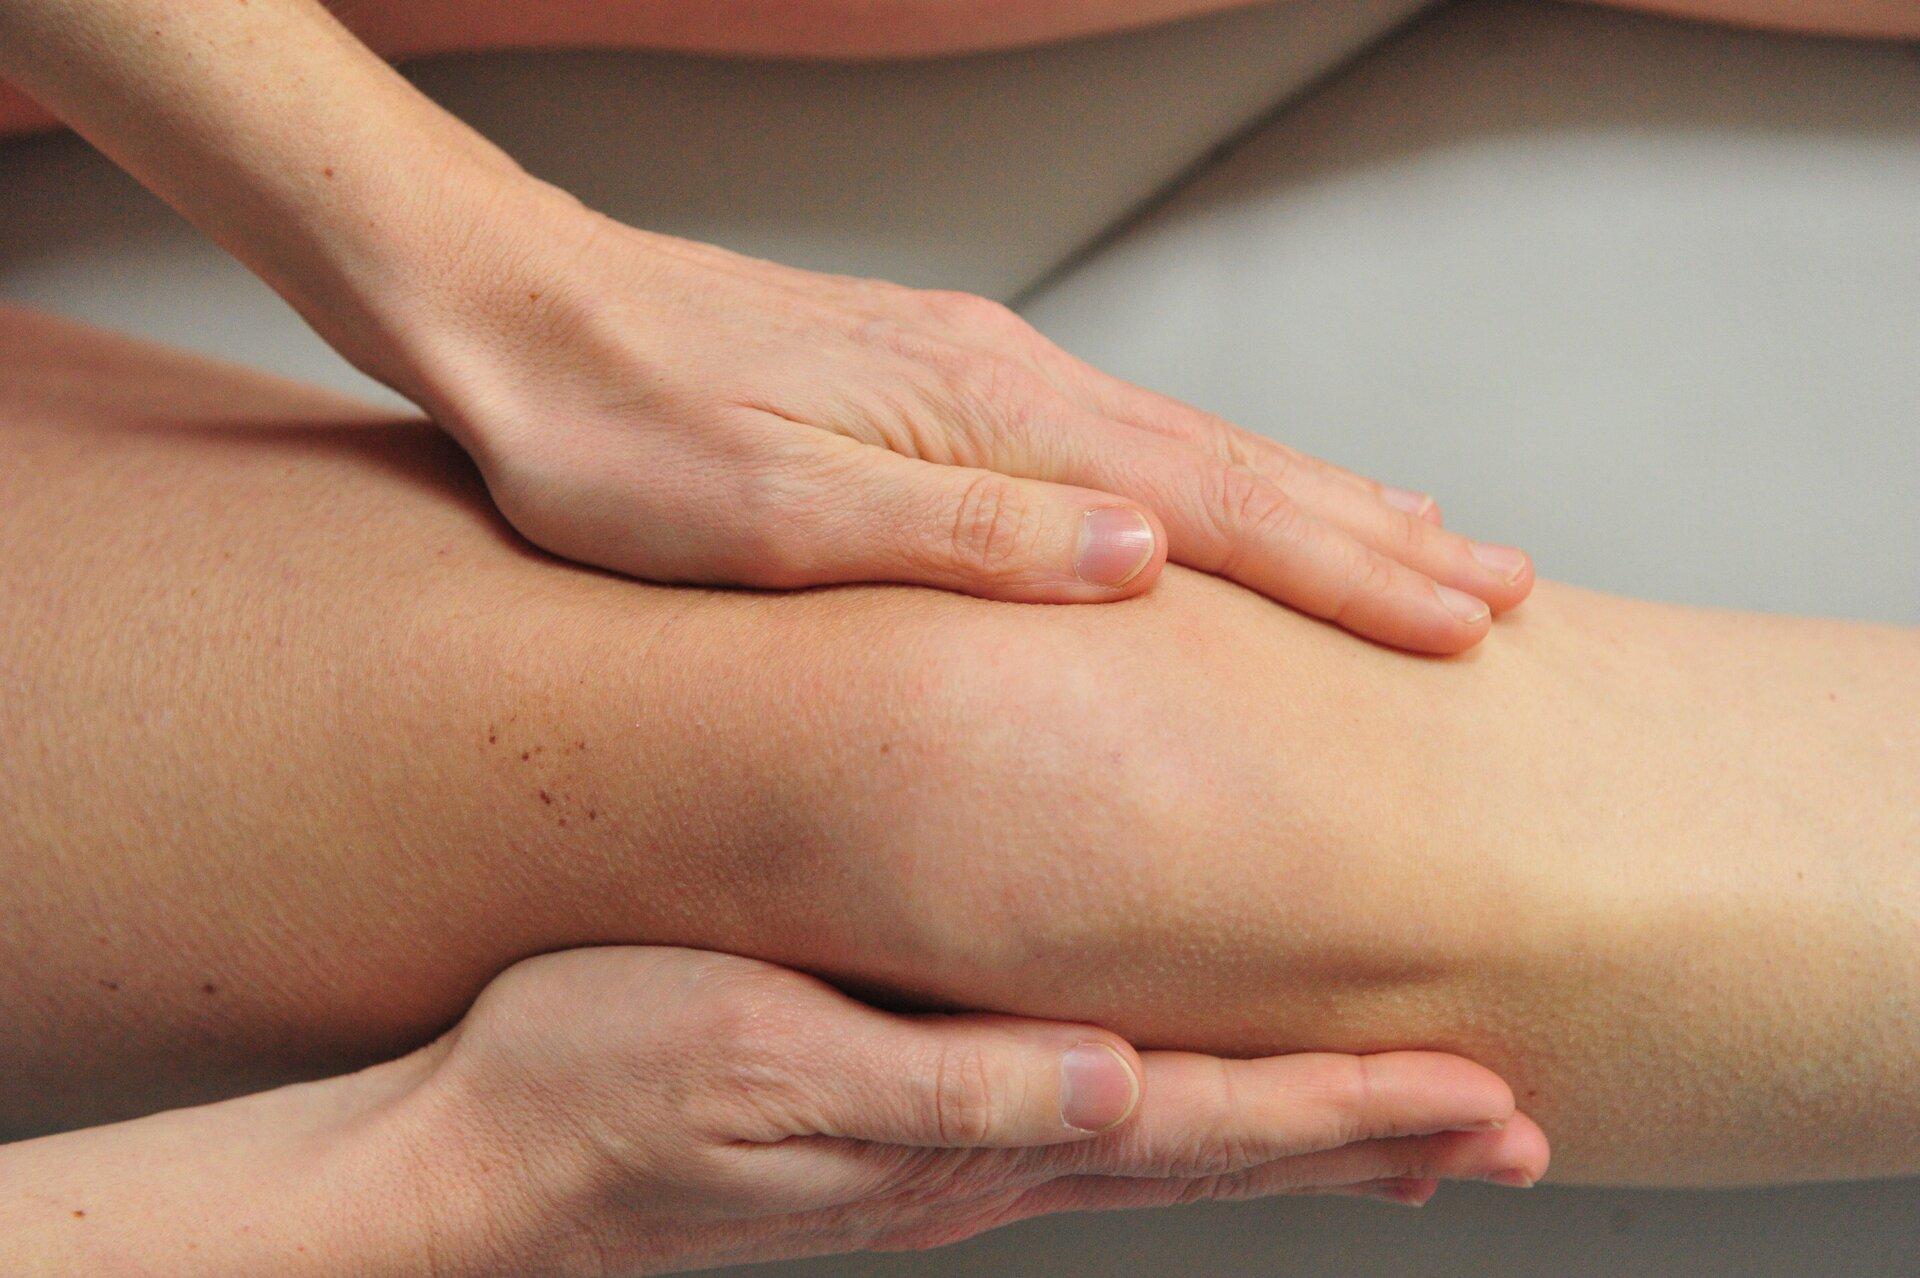 Fotografia przedstawia poziomo nogę człowieka, na wysokości kolana objętą dłońmi osoby, wykonującej masaż. Taki masaż usprawnia krążenie limfy.